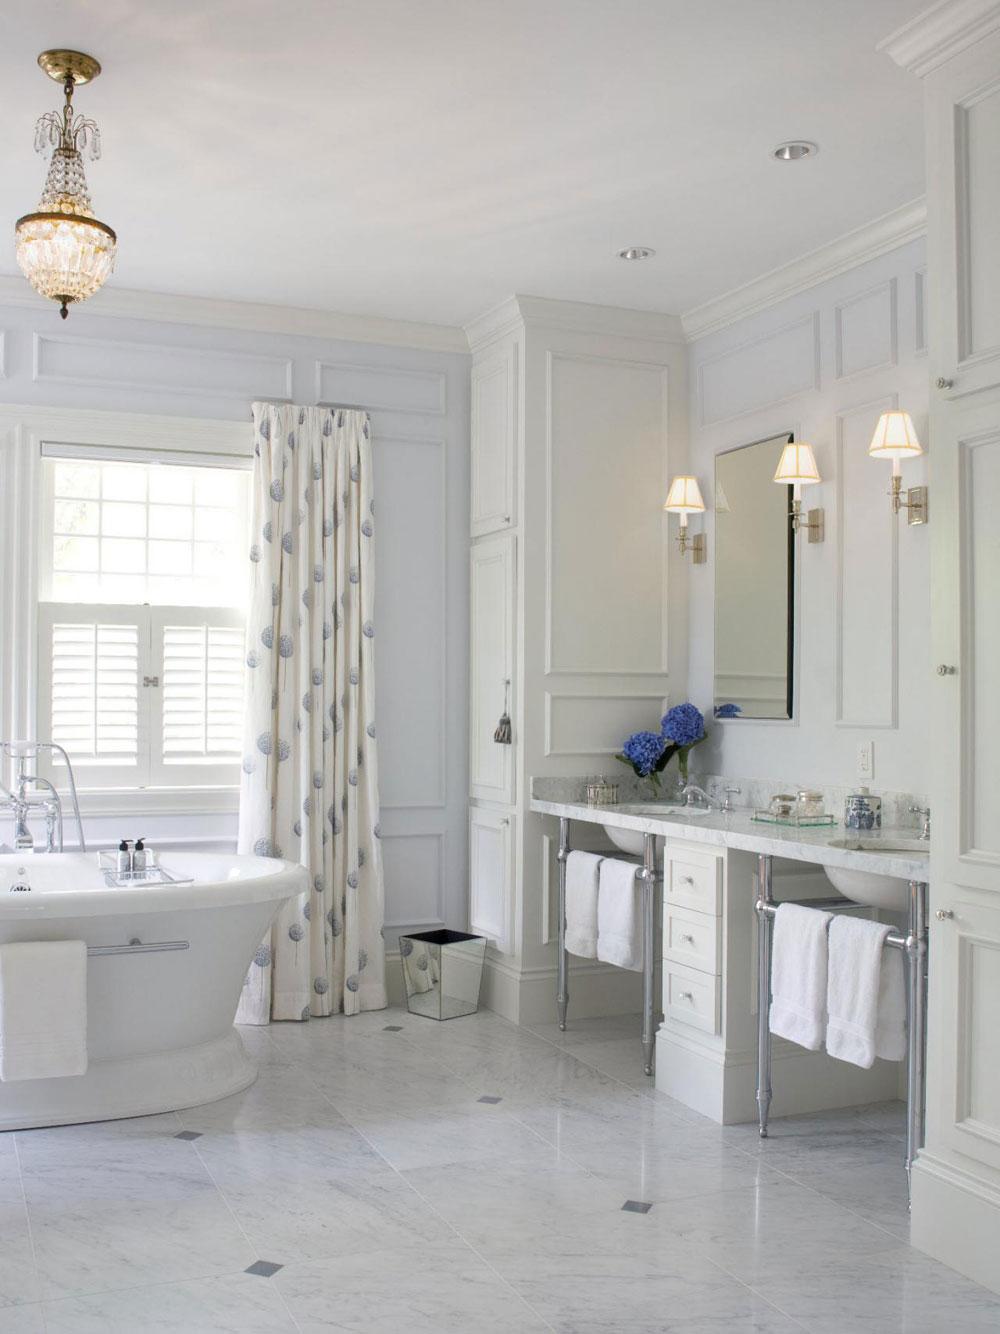 Skapa en vit badrumsinredning 1 Skapa en vit badrumsinredning